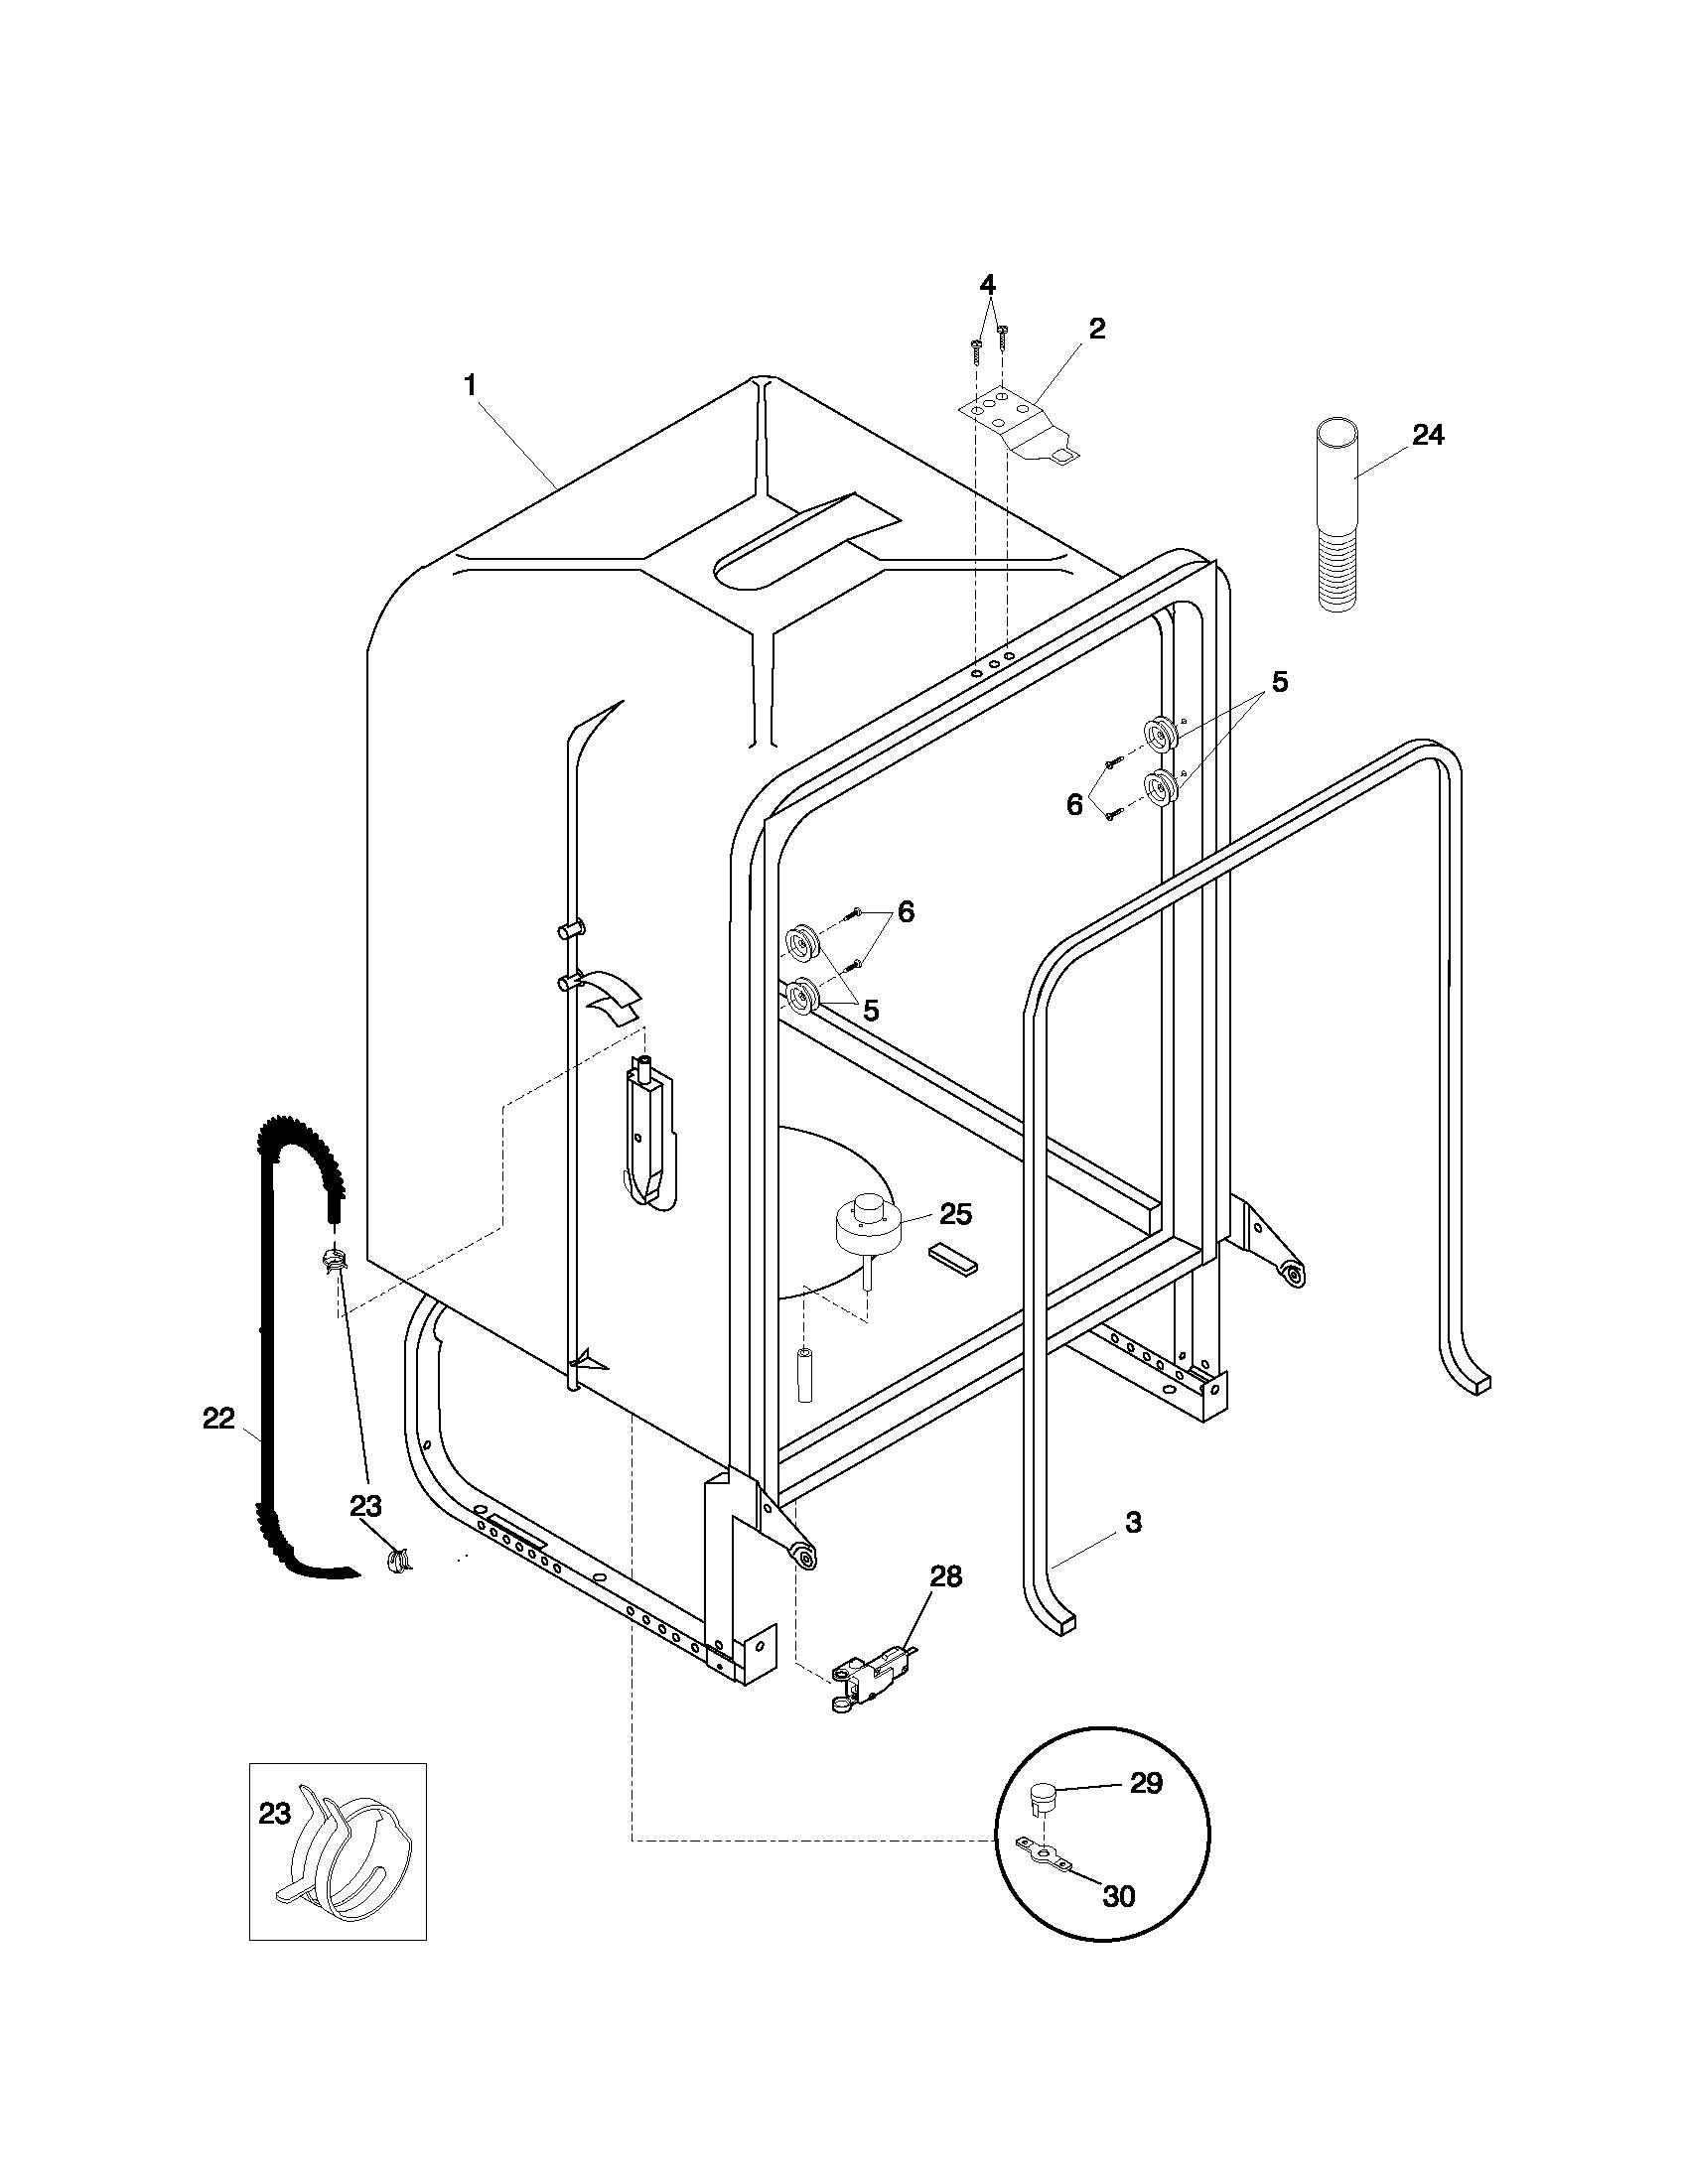 Frigidaire Gallery Dishwasher Parts Diagram Pristine In Maytag Quiet Series Bosch Dishwasher Maytag Series Of Frigidaire Gallery Dishwasher Parts Diagram